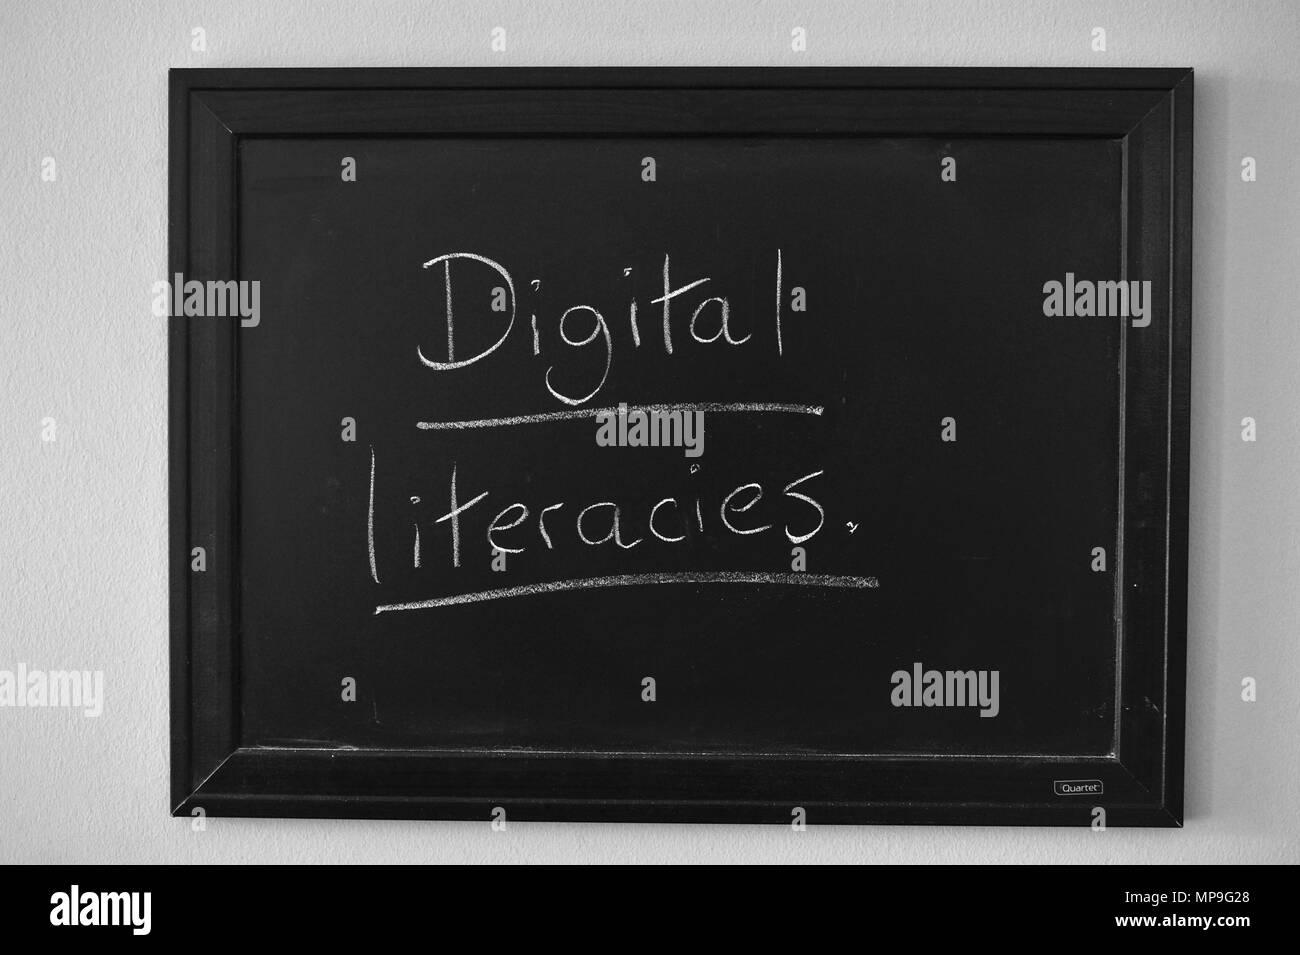 Digital literacies written in white chalk on a wall mounted blackboard. - Stock Image